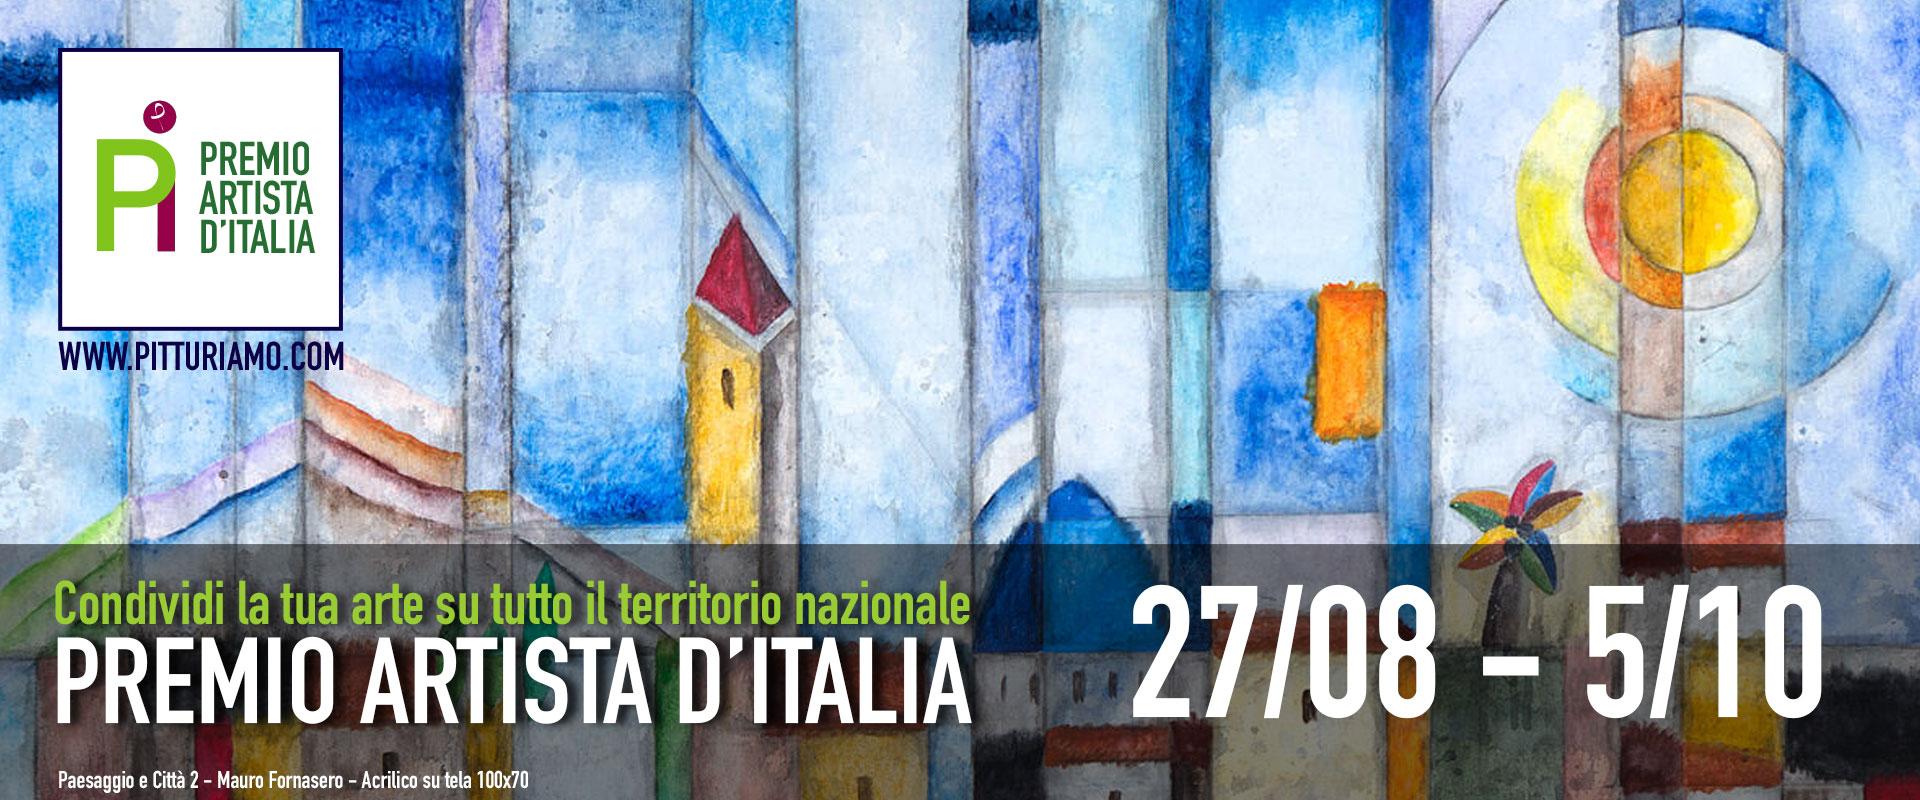 Premio Artista d'Italia - Condividi la tua Arte su tutto il territorio nazionale